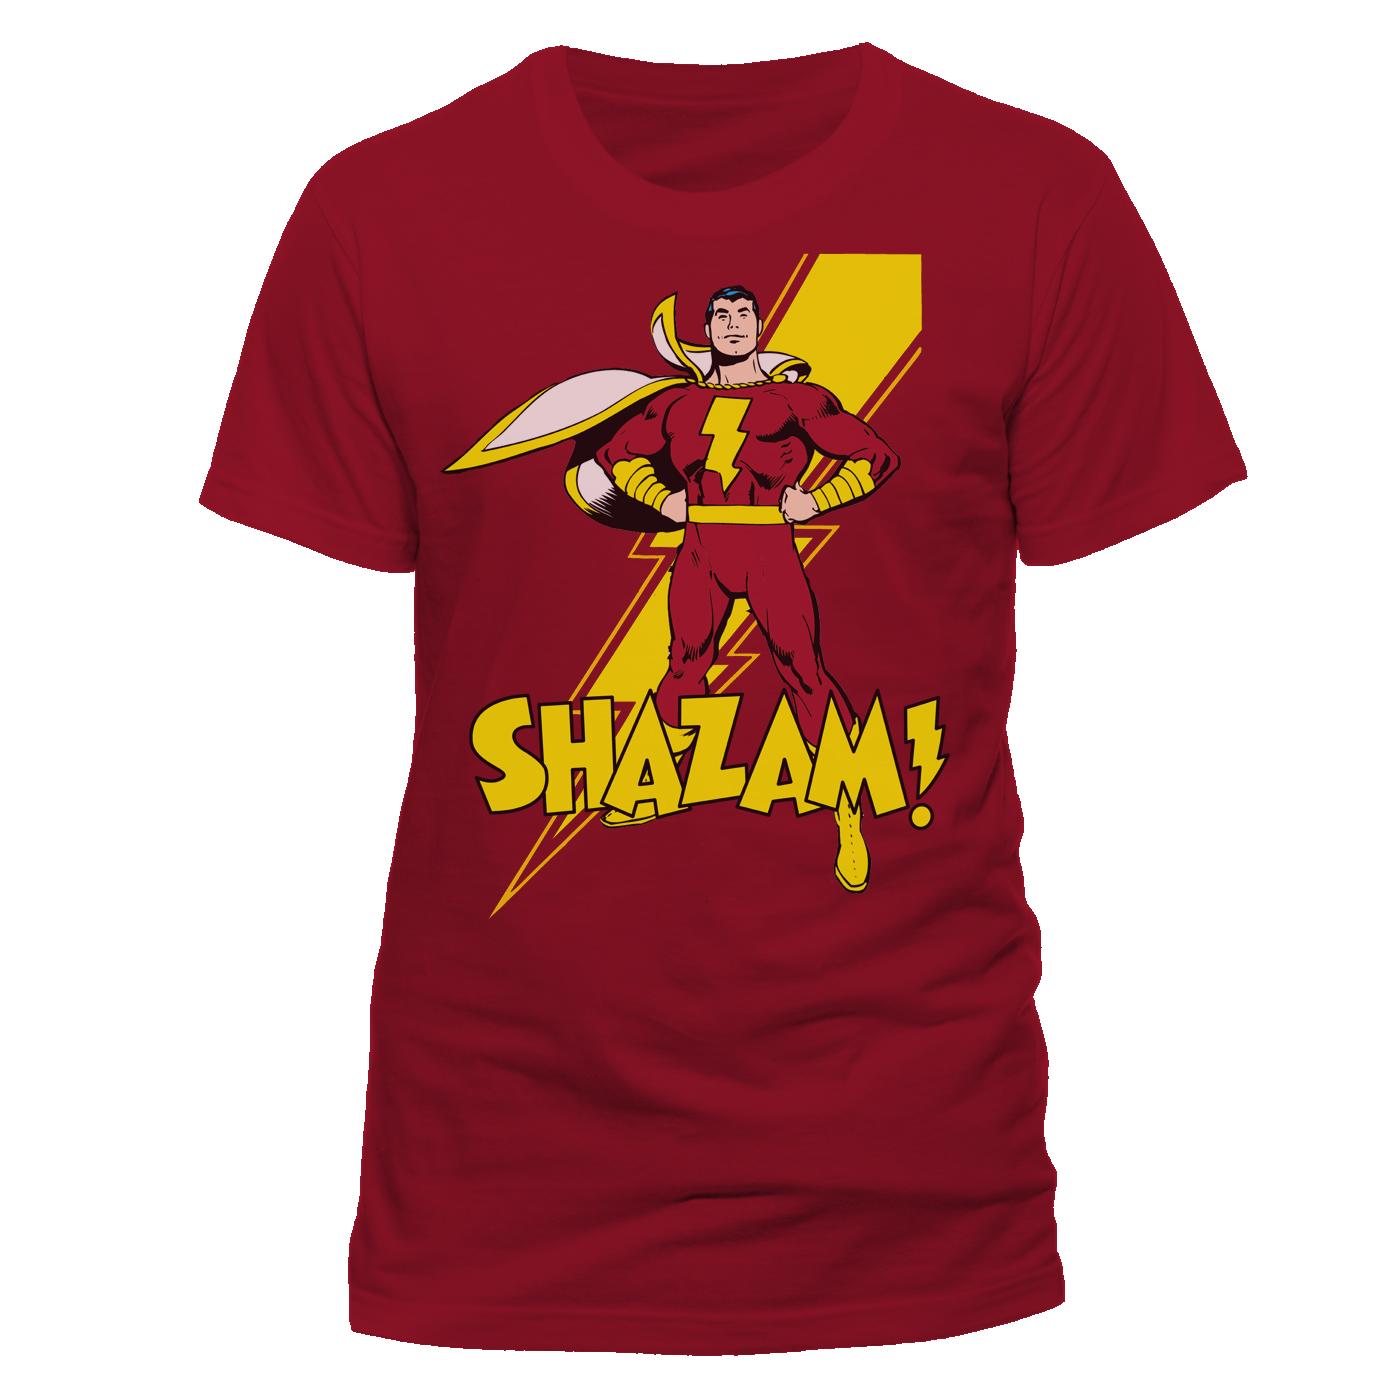 Shazam-Pose